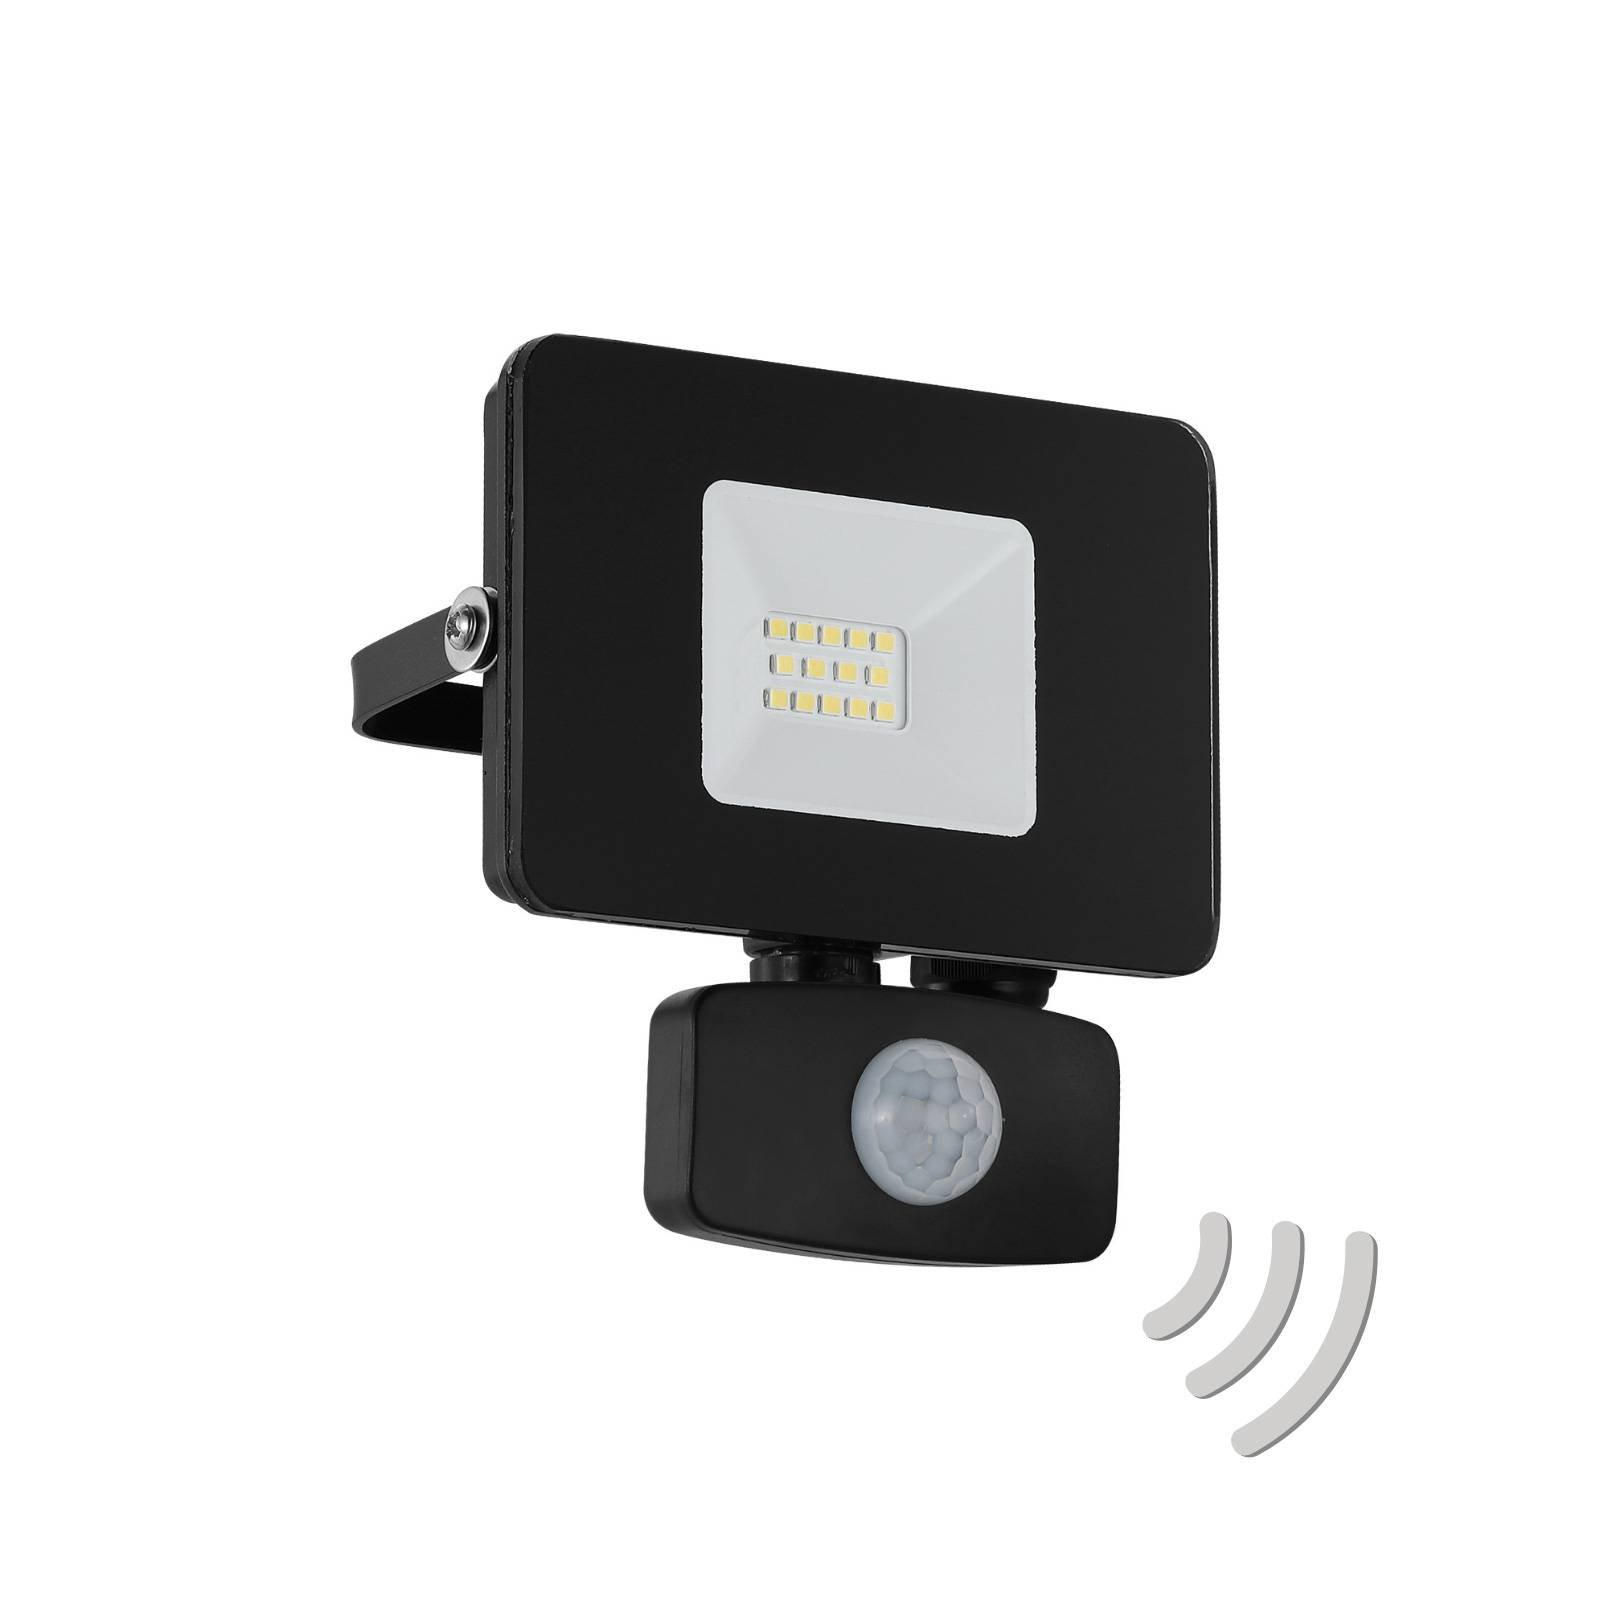 Utendørs LED-spot Faedo 3 med sensor, svart, 10 W